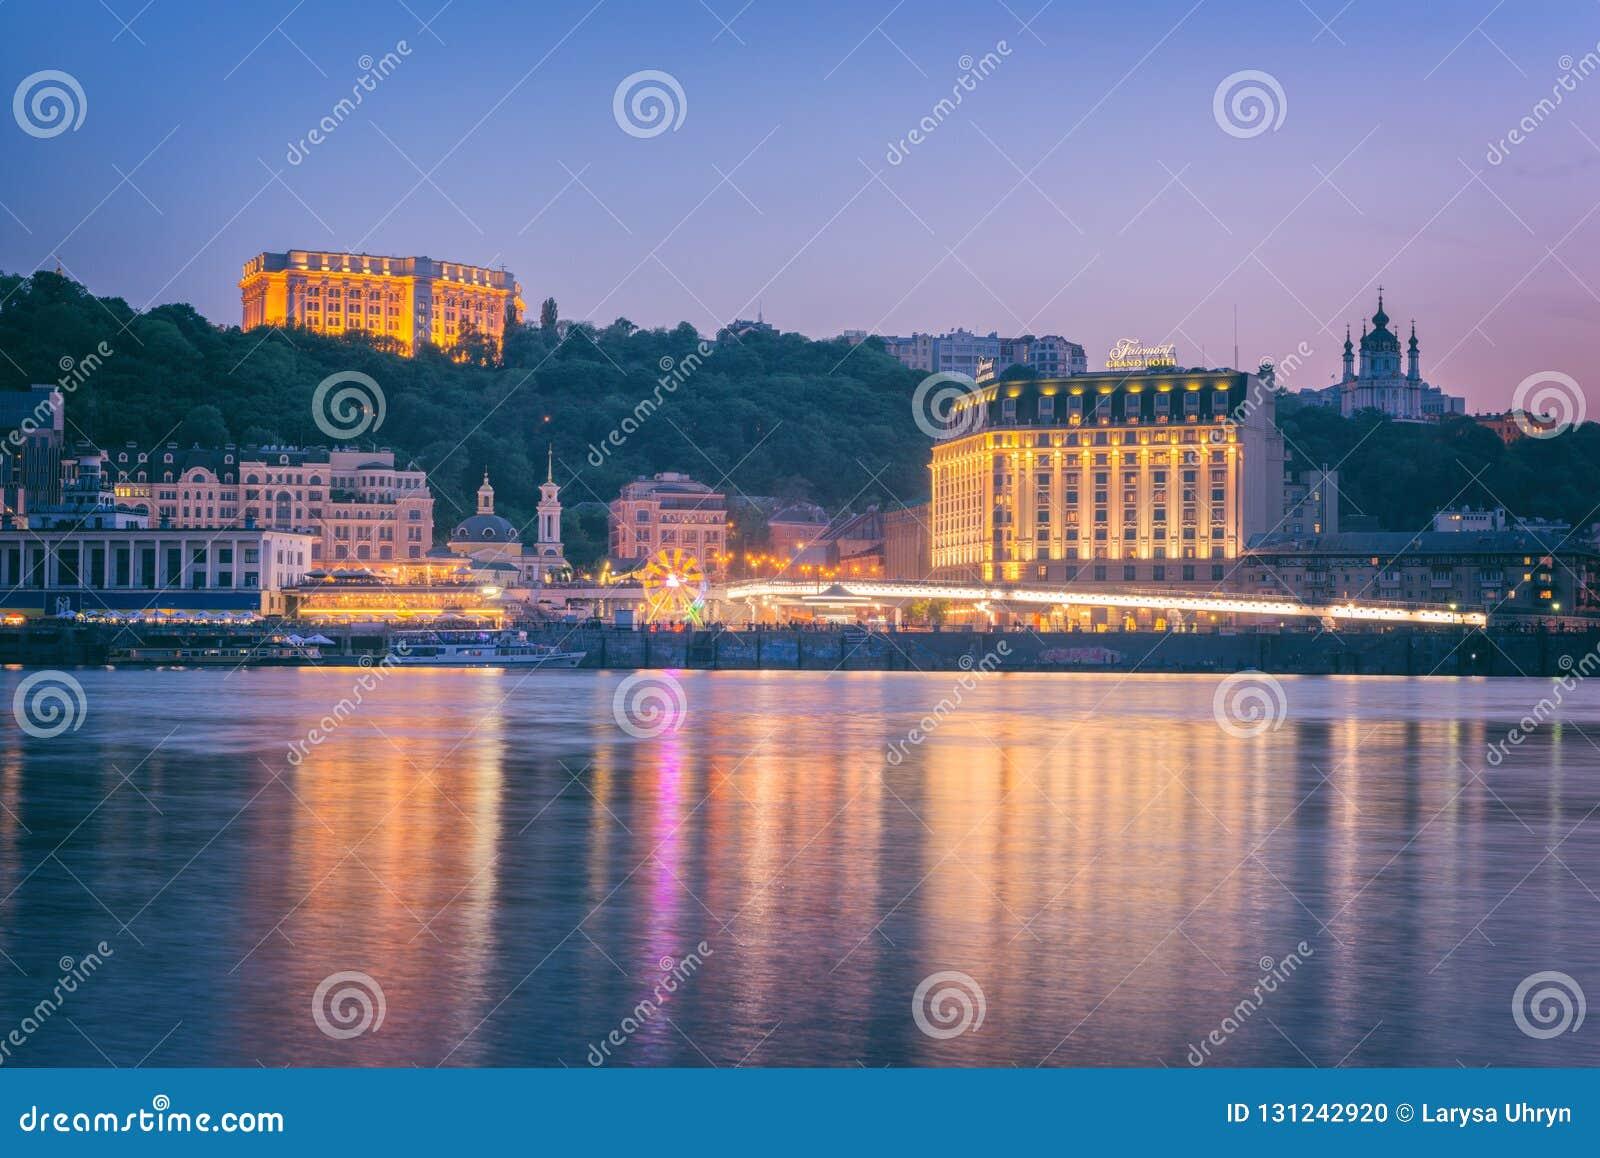 Kiev, Ucrania - 5 de mayo de 2018: Vista nocturna a la vecindad histórica de Podil en Kiev, paisaje urbano hermoso con las luces